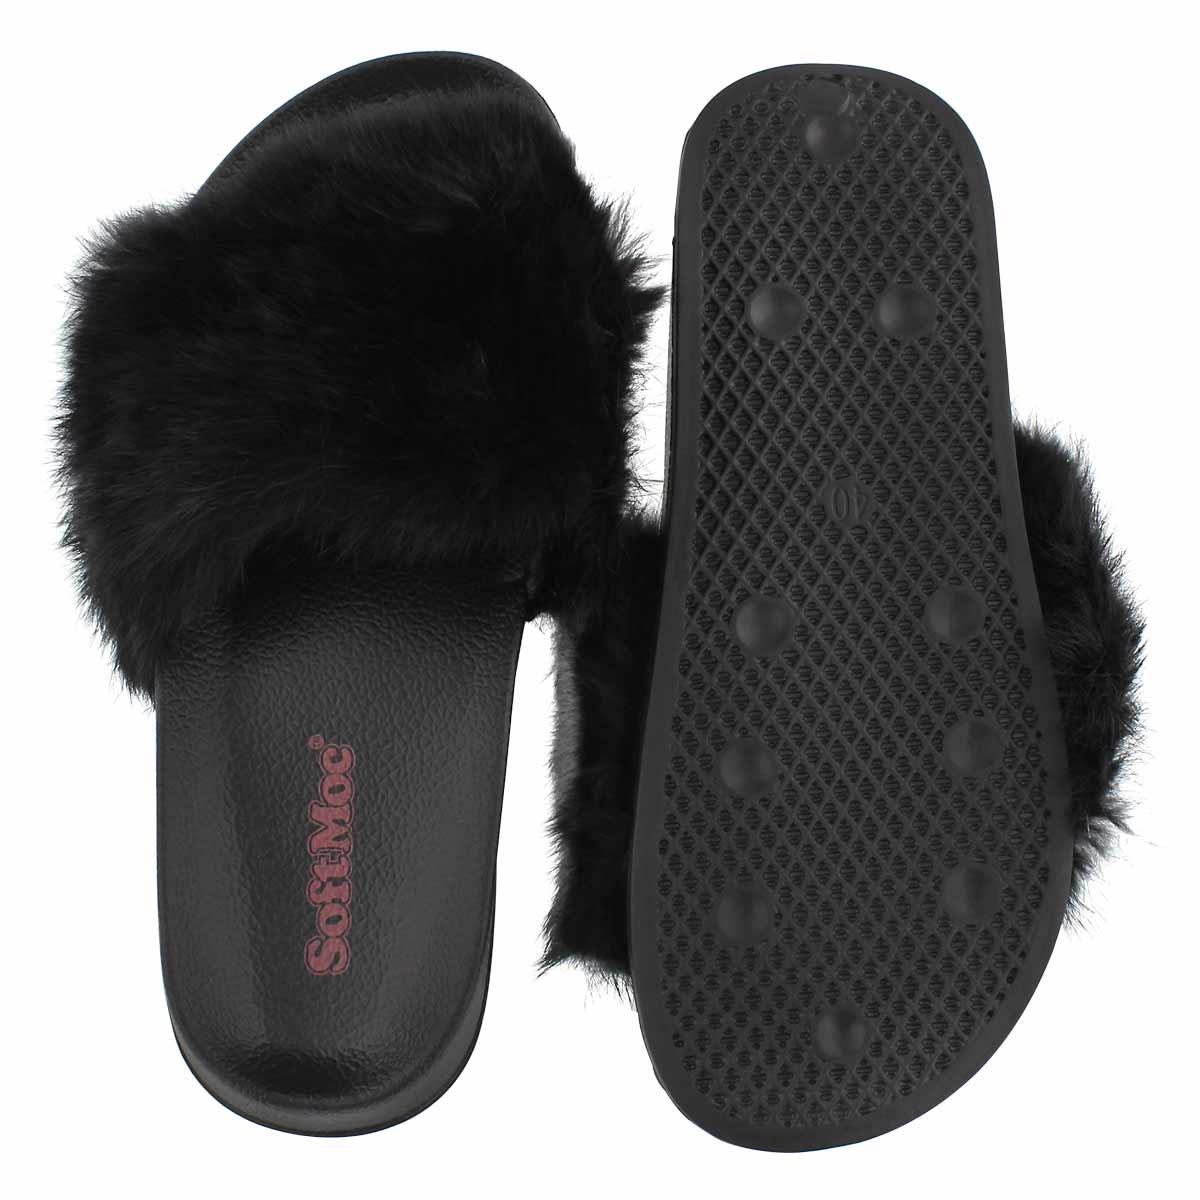 Lds Erica blk fur slide slipper